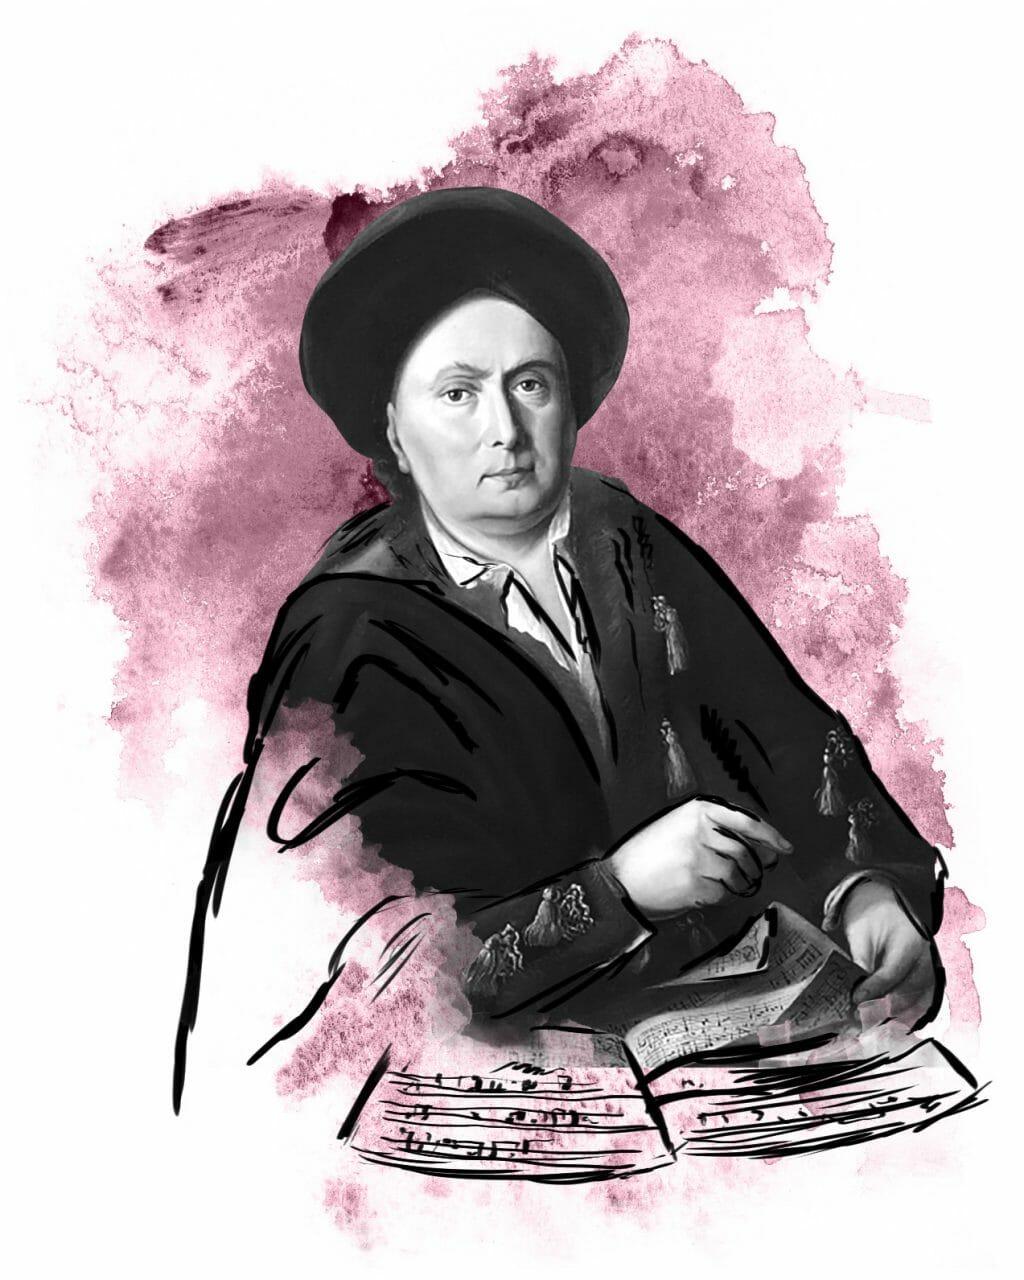 Ein Portrait eines Mannes mit Kopfbedeckung. Vor ihm liegen Noten.